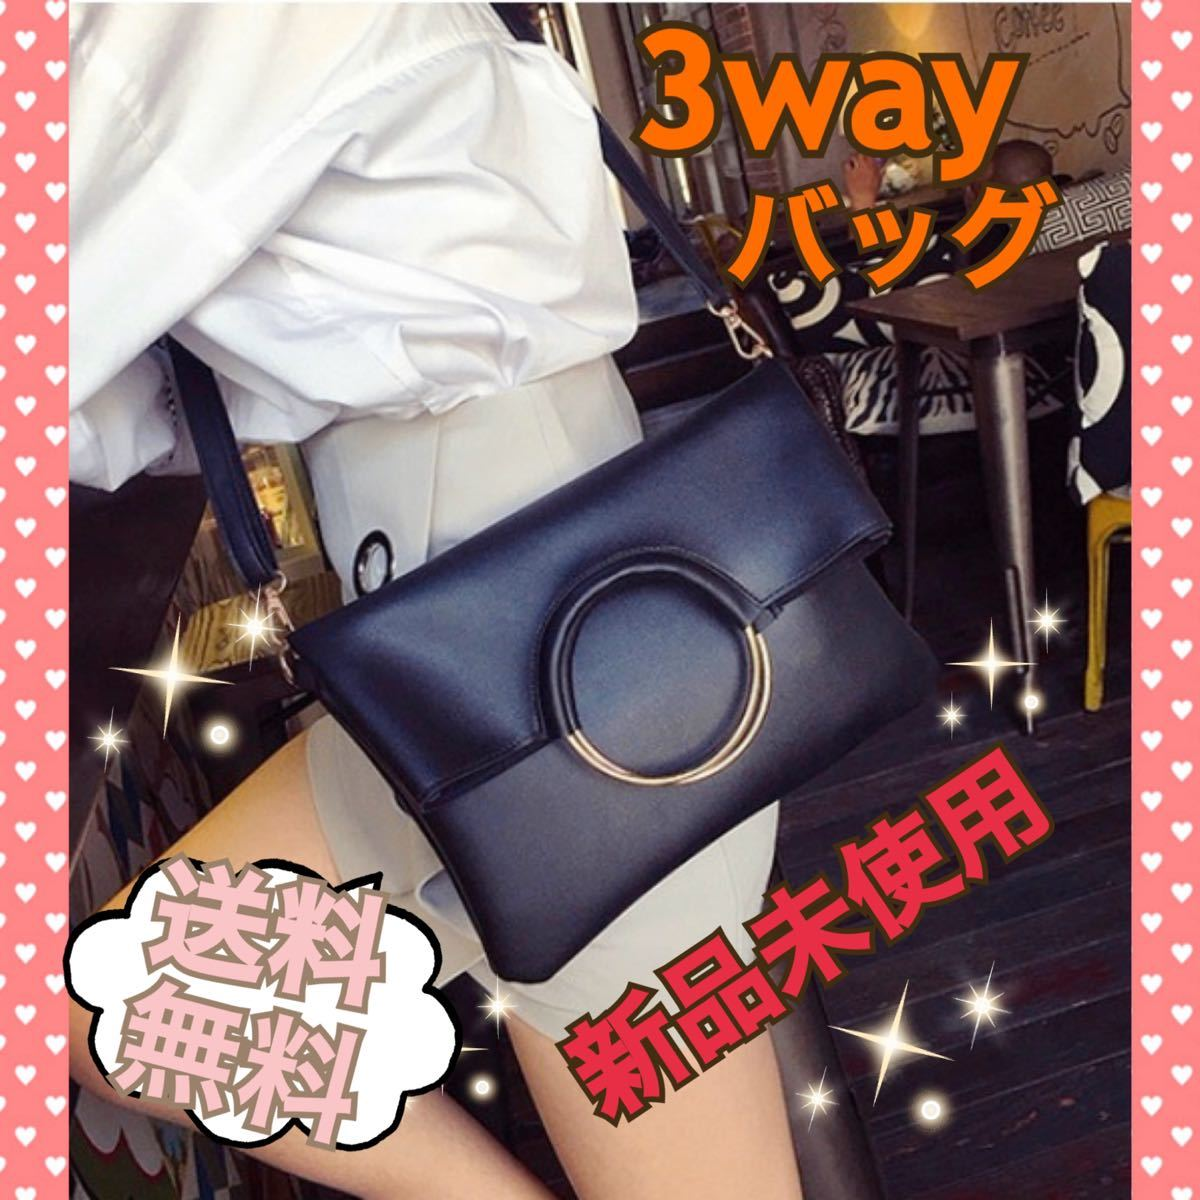 【新品未使用】ショルダーバッグ クラッチバッグ ハンドバッグ  3way